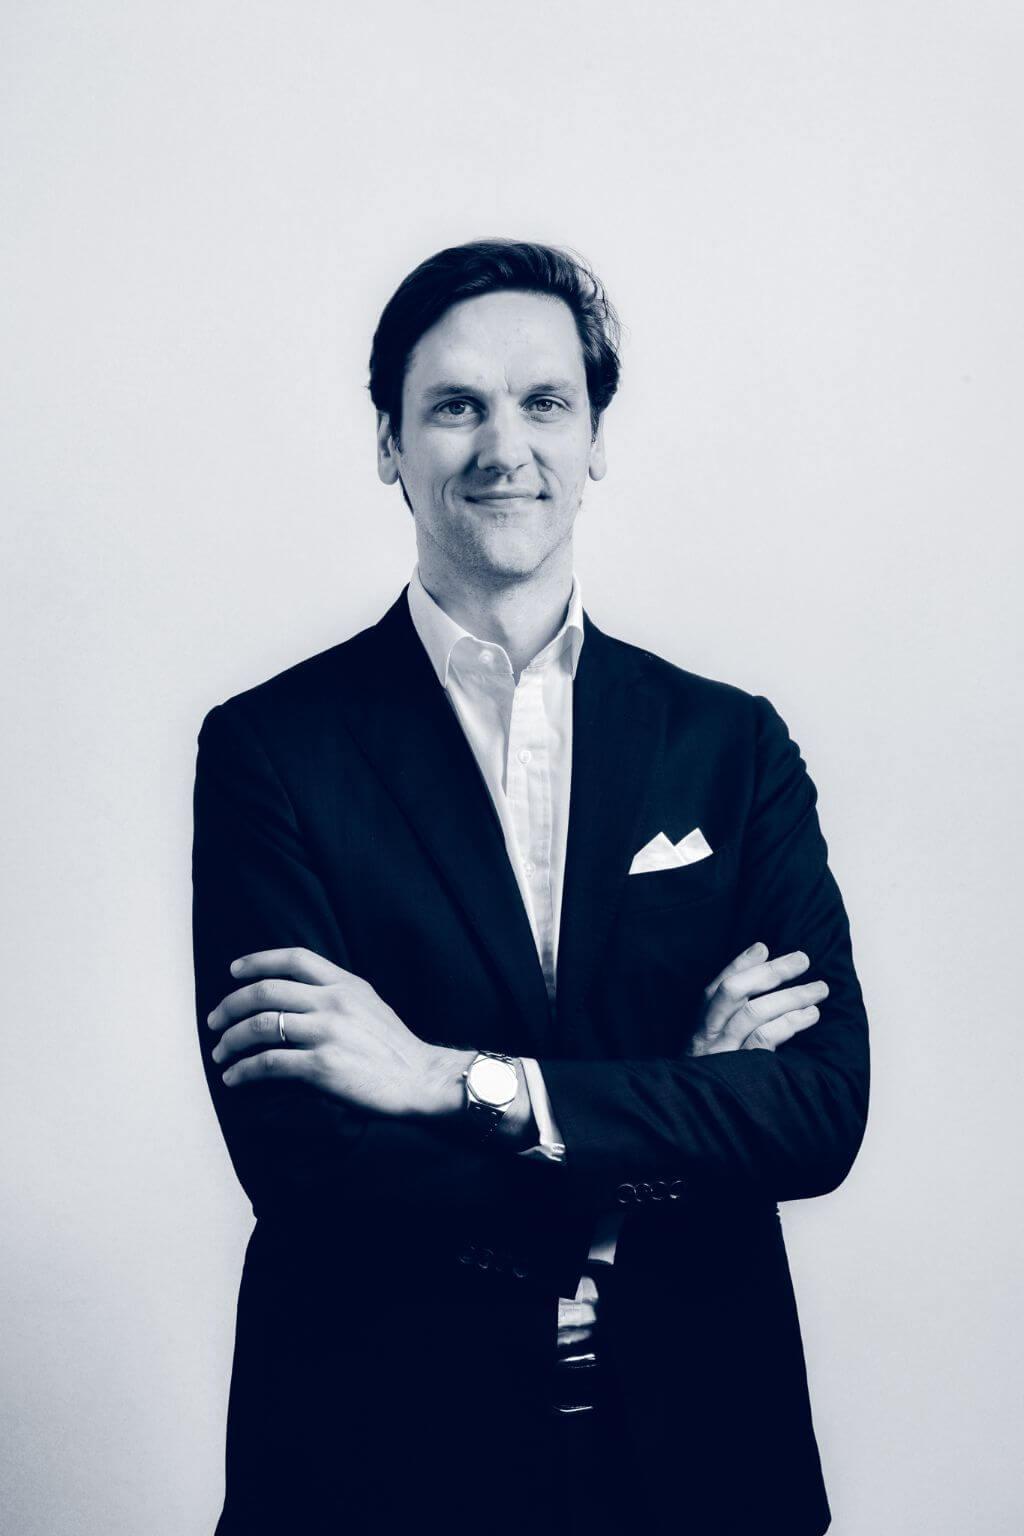 Anton Buntinx